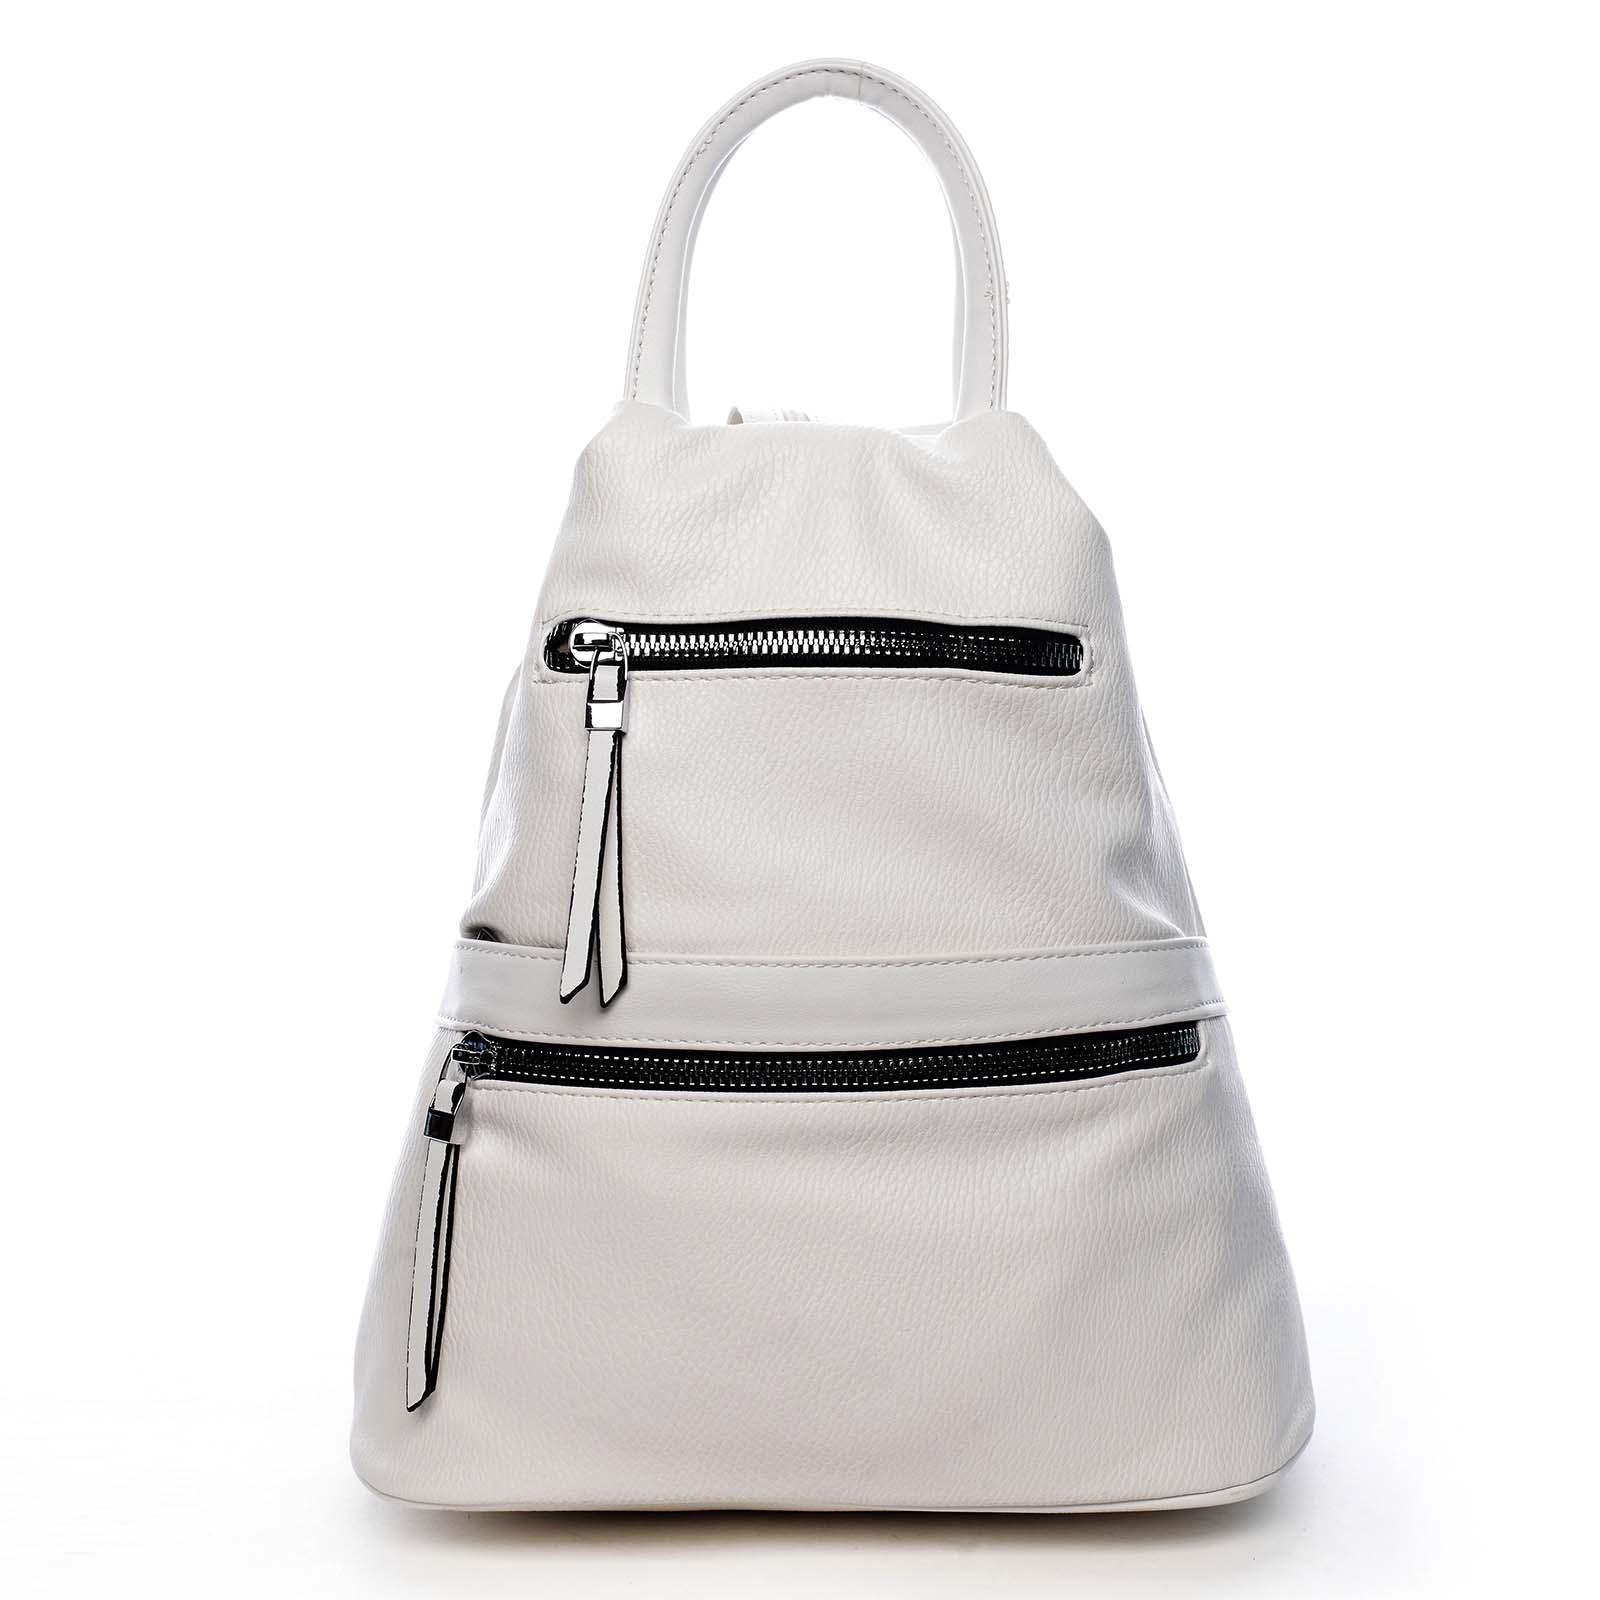 Originální dámský batoh kabelka bílý - Romina Gempela